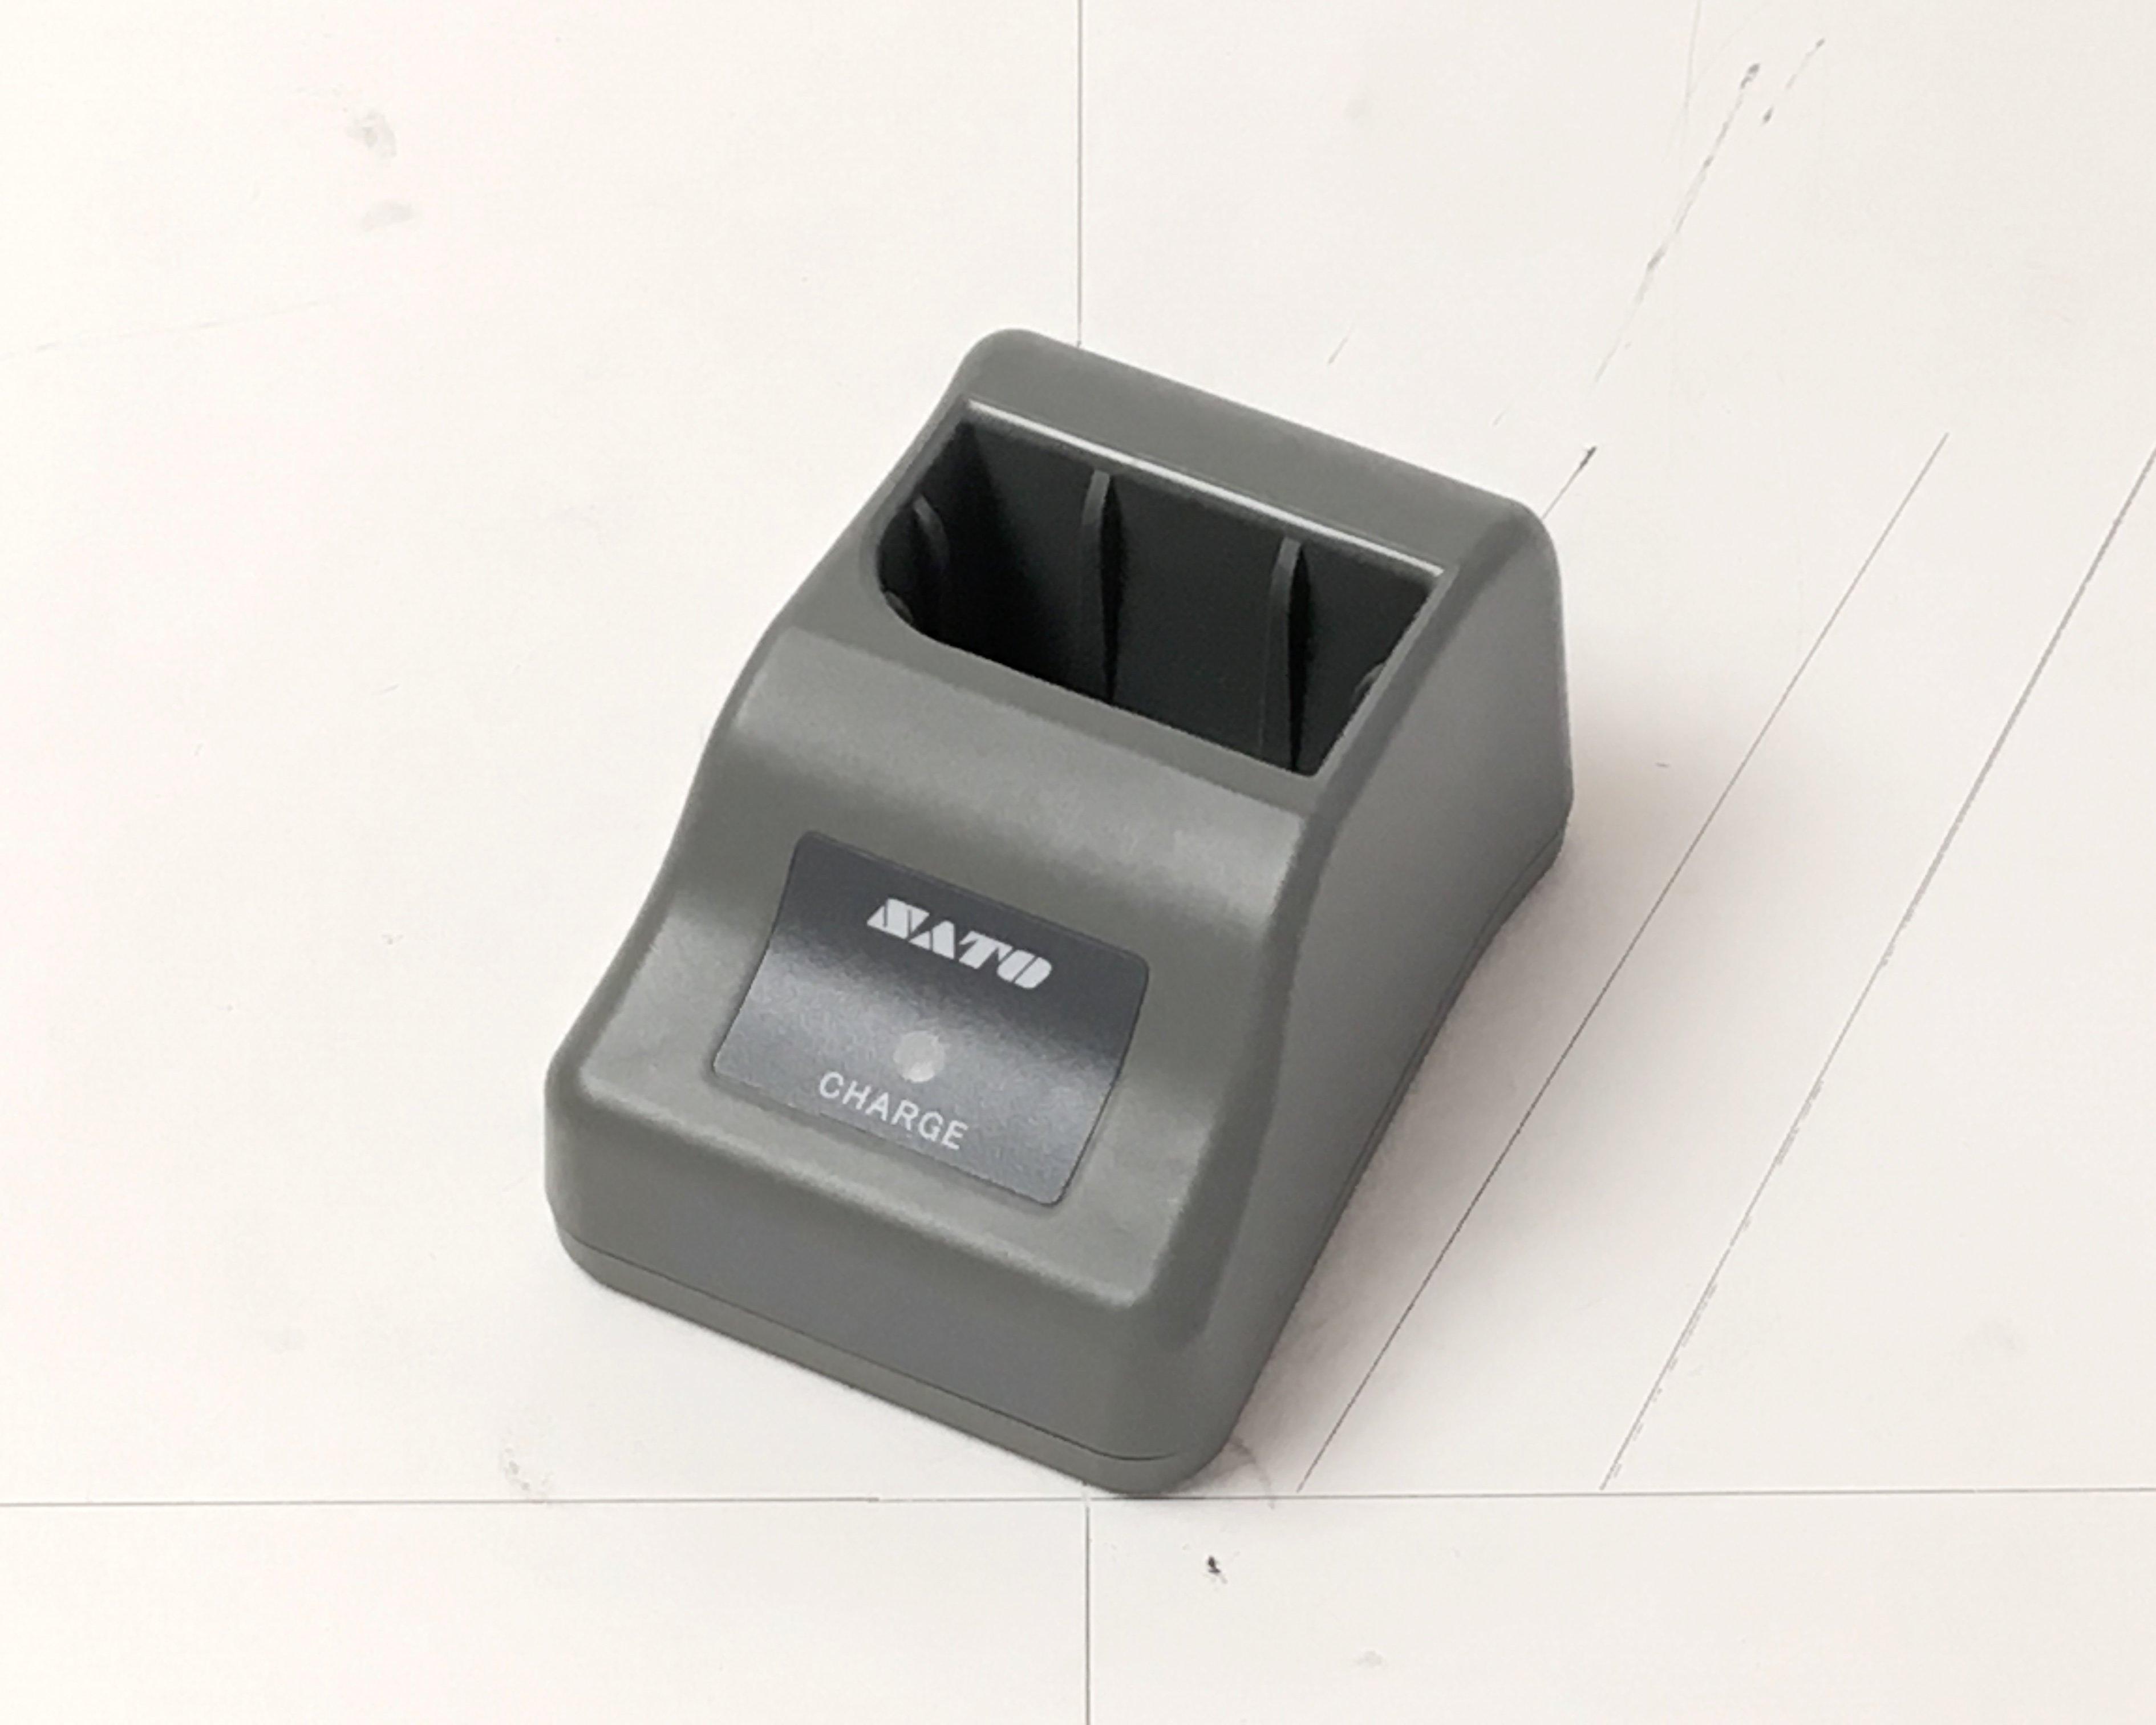 【お買得中古】SATO PT400シリーズ リチウム電池充電器 メイン画像